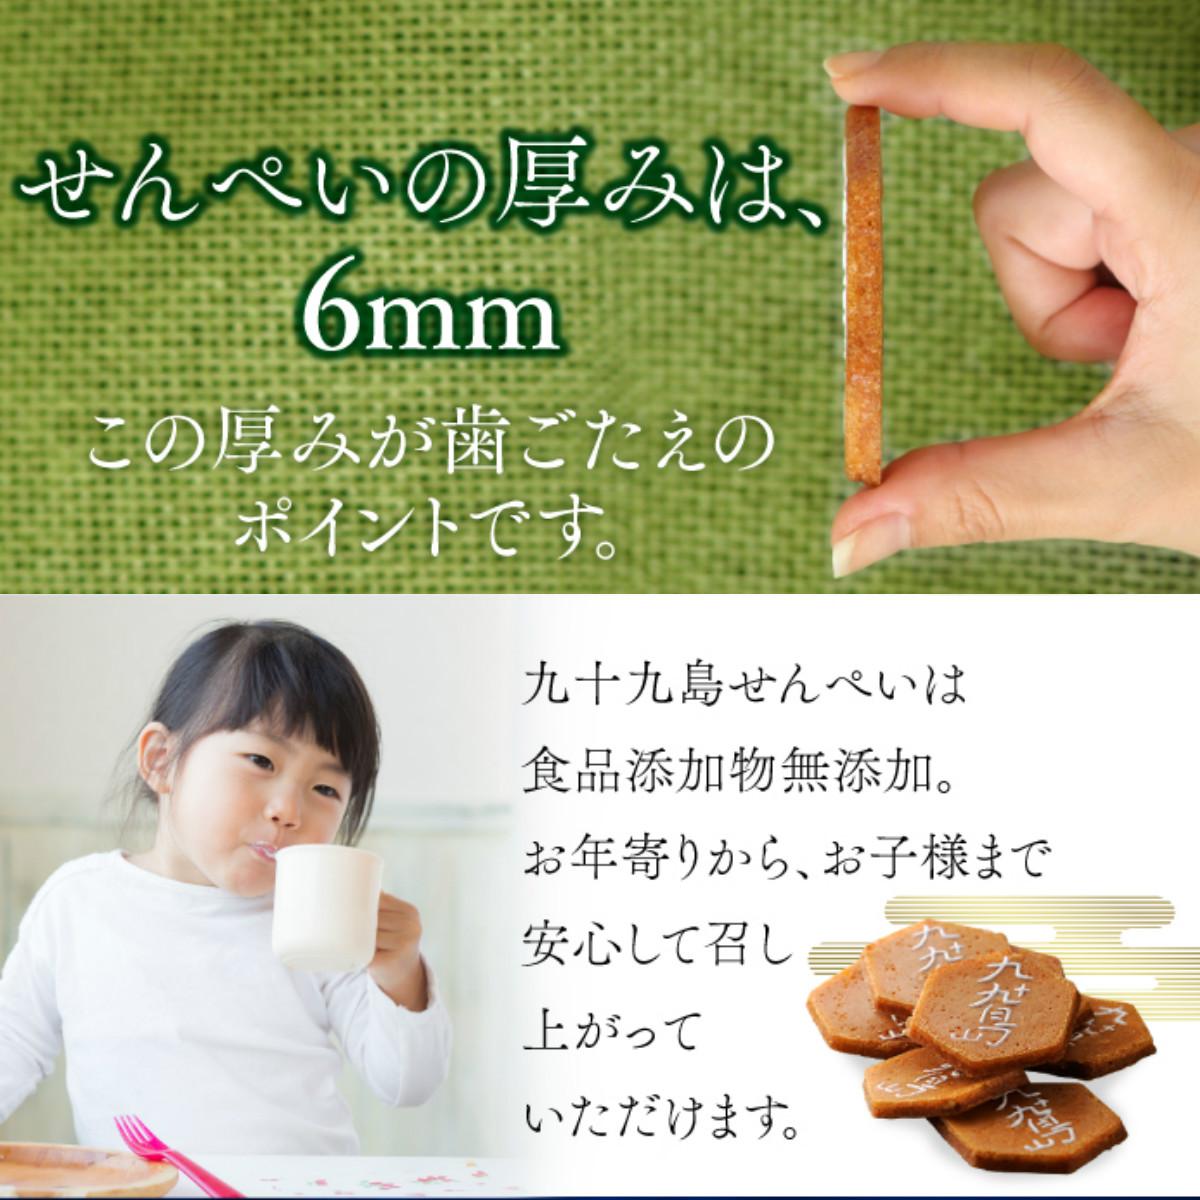 【送料無料】感謝せんぺいギフト45枚入り(長崎便)